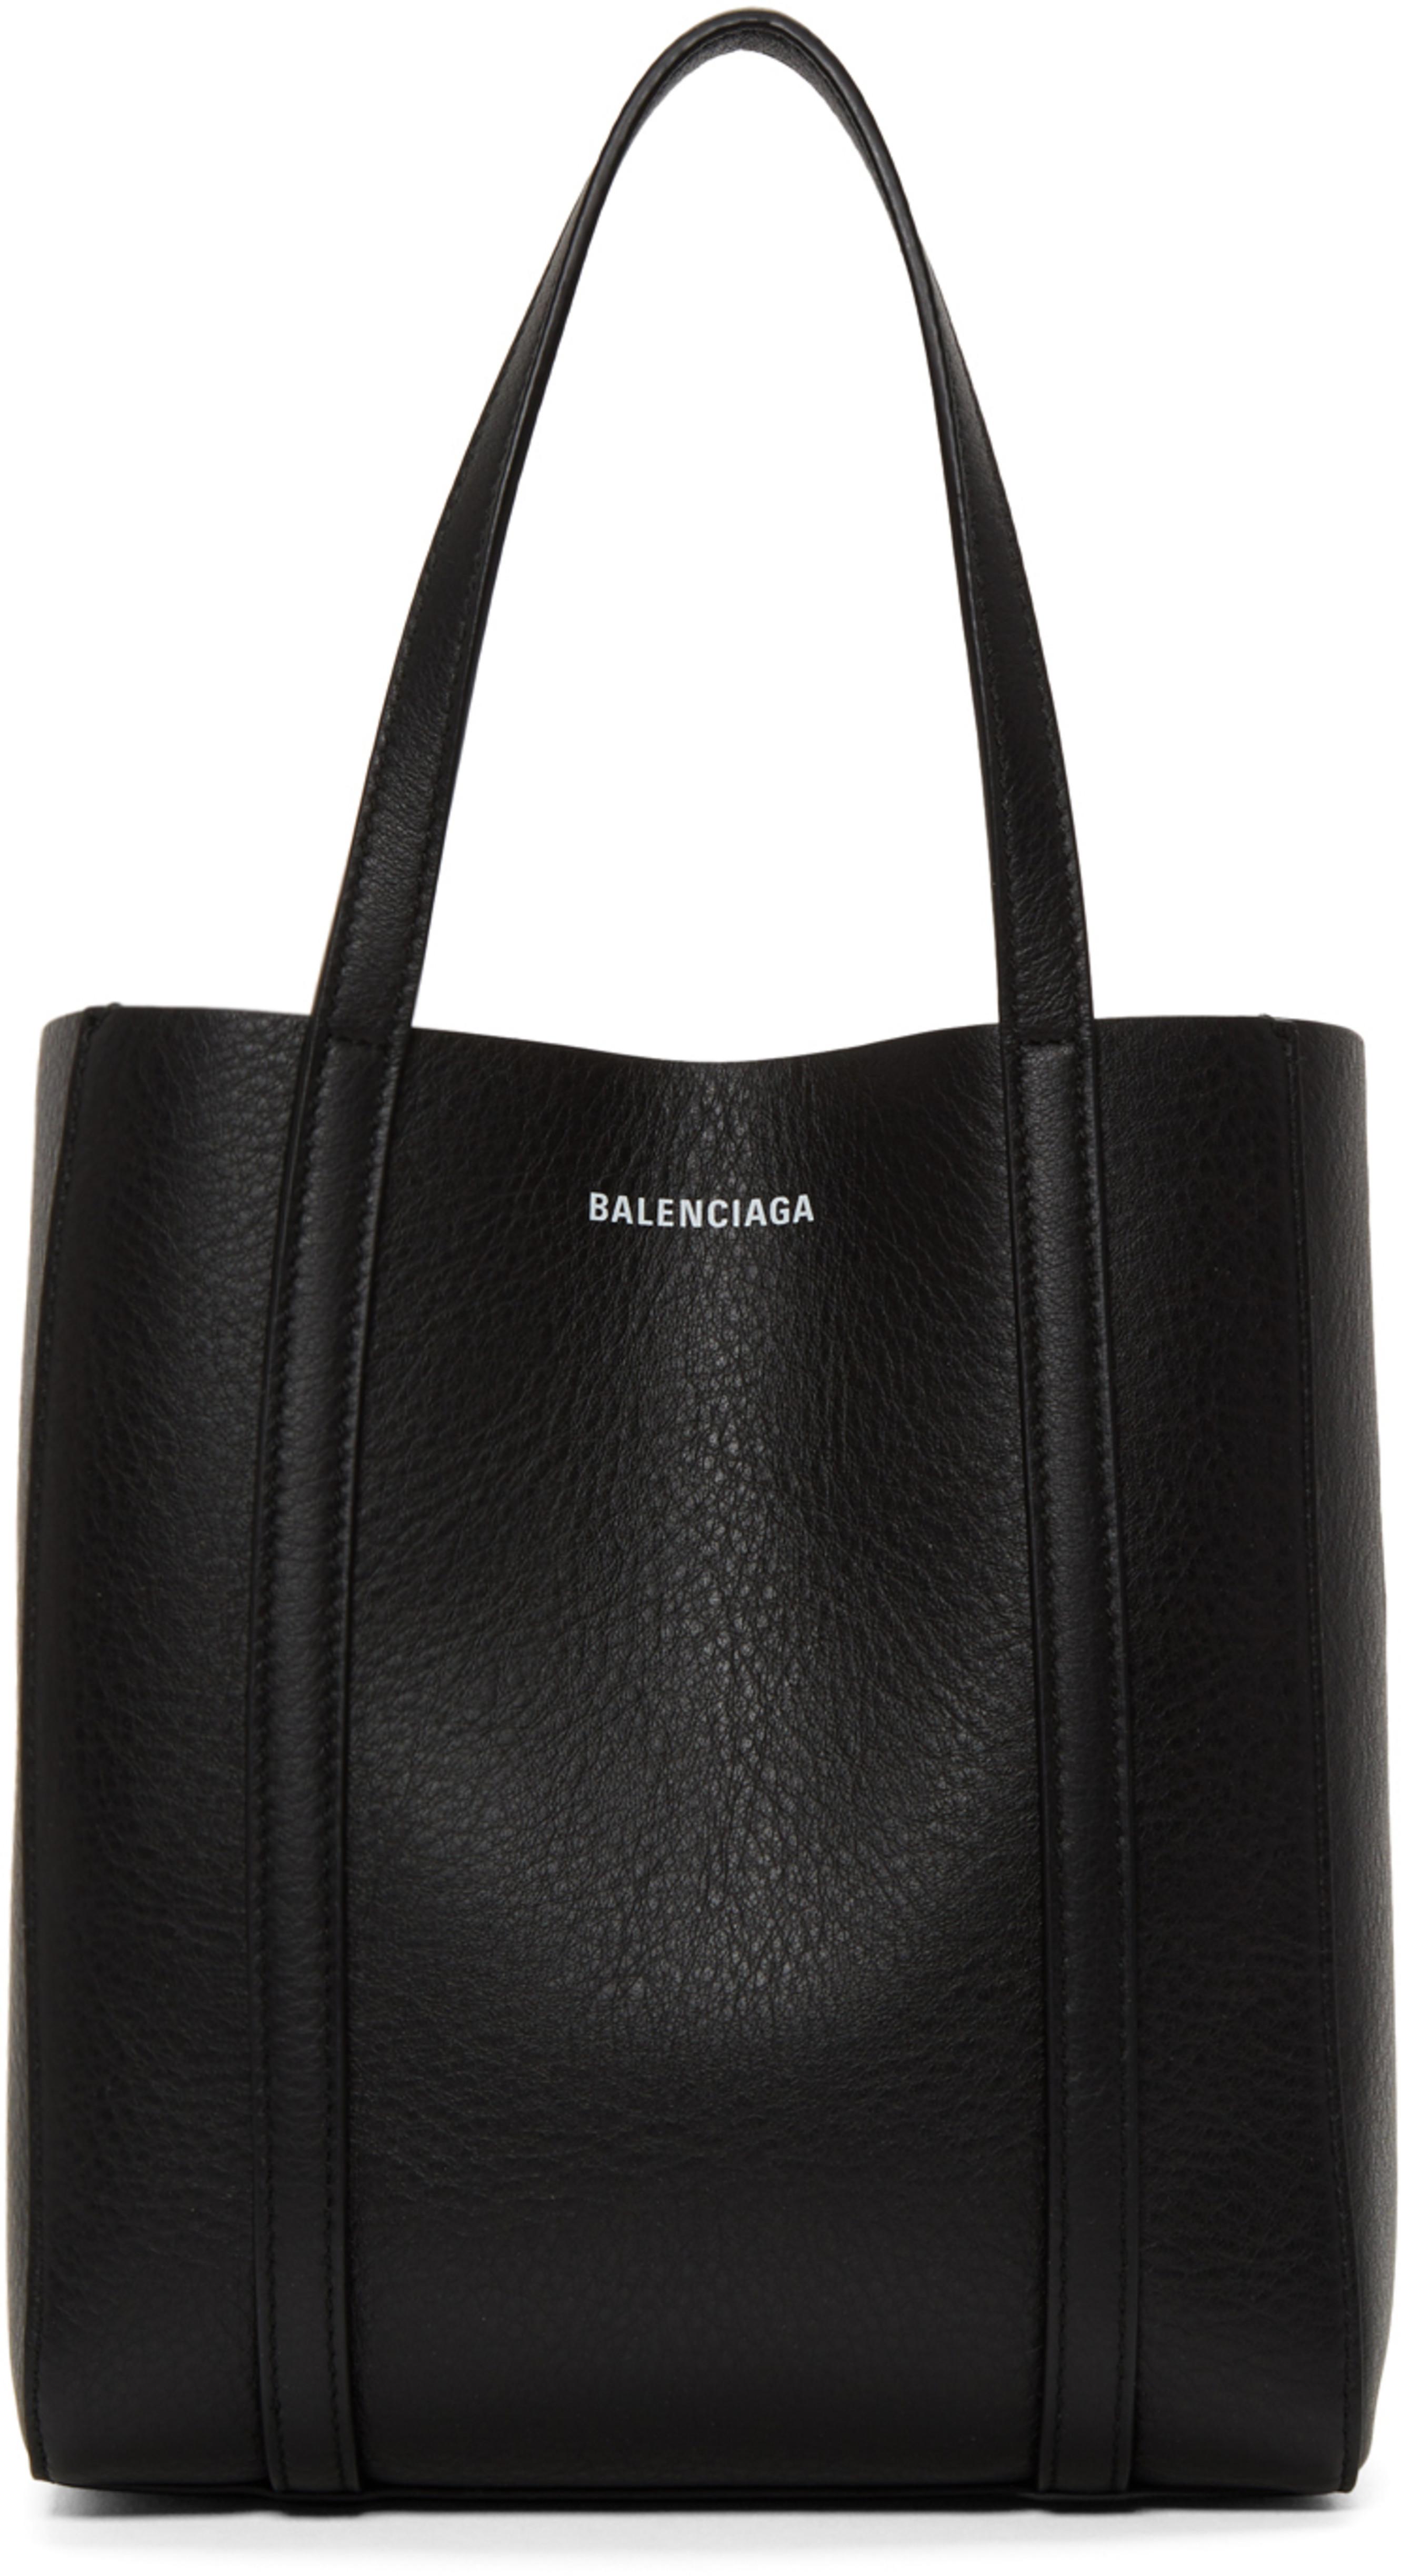 8f39052e53d7 Balenciaga bags for Women